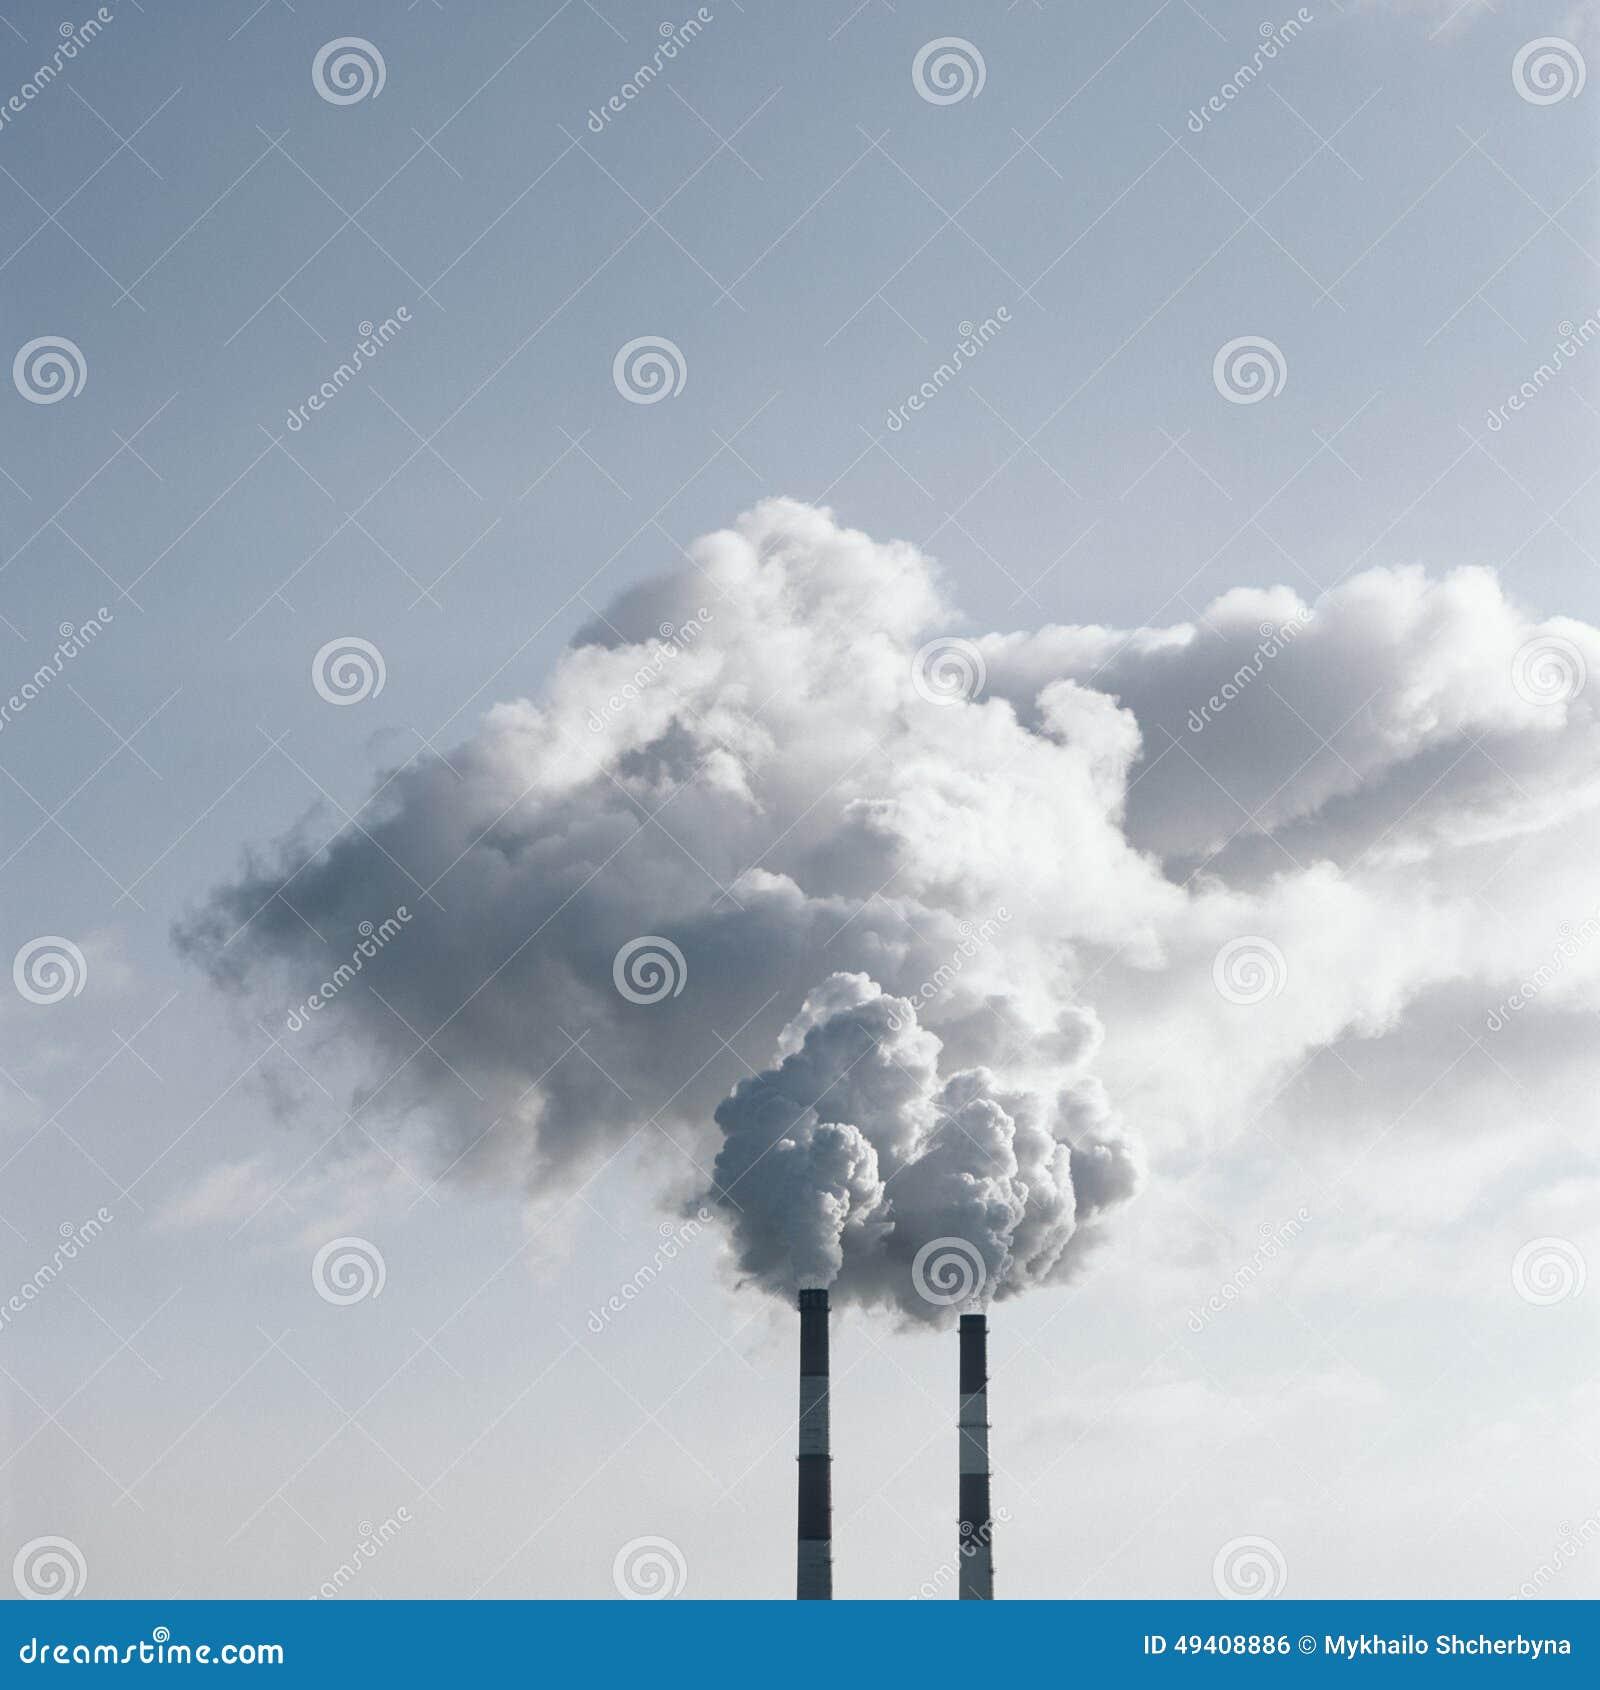 Download Rauch stockfoto. Bild von leute, wolke, absaugventilator - 49408886